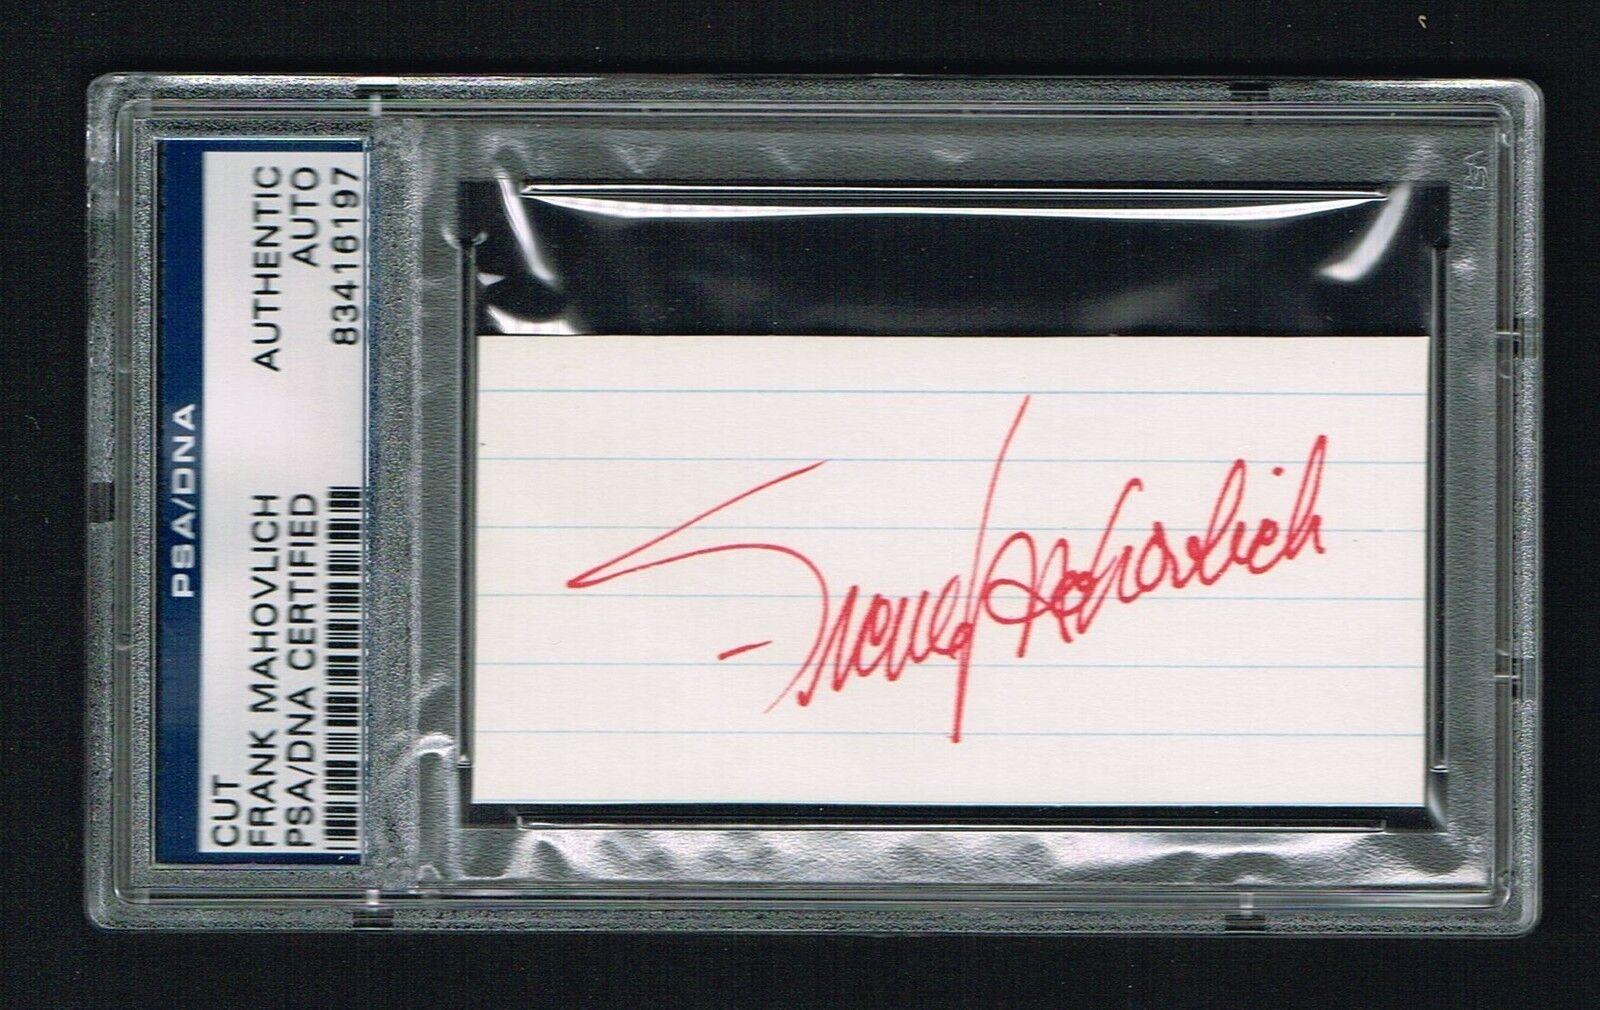 Frank Mahovlich Firmado Firmado Firmado Autógrafo 1.5x3.5 Corte Hockey Hall Of Fame PSA O 4233e8